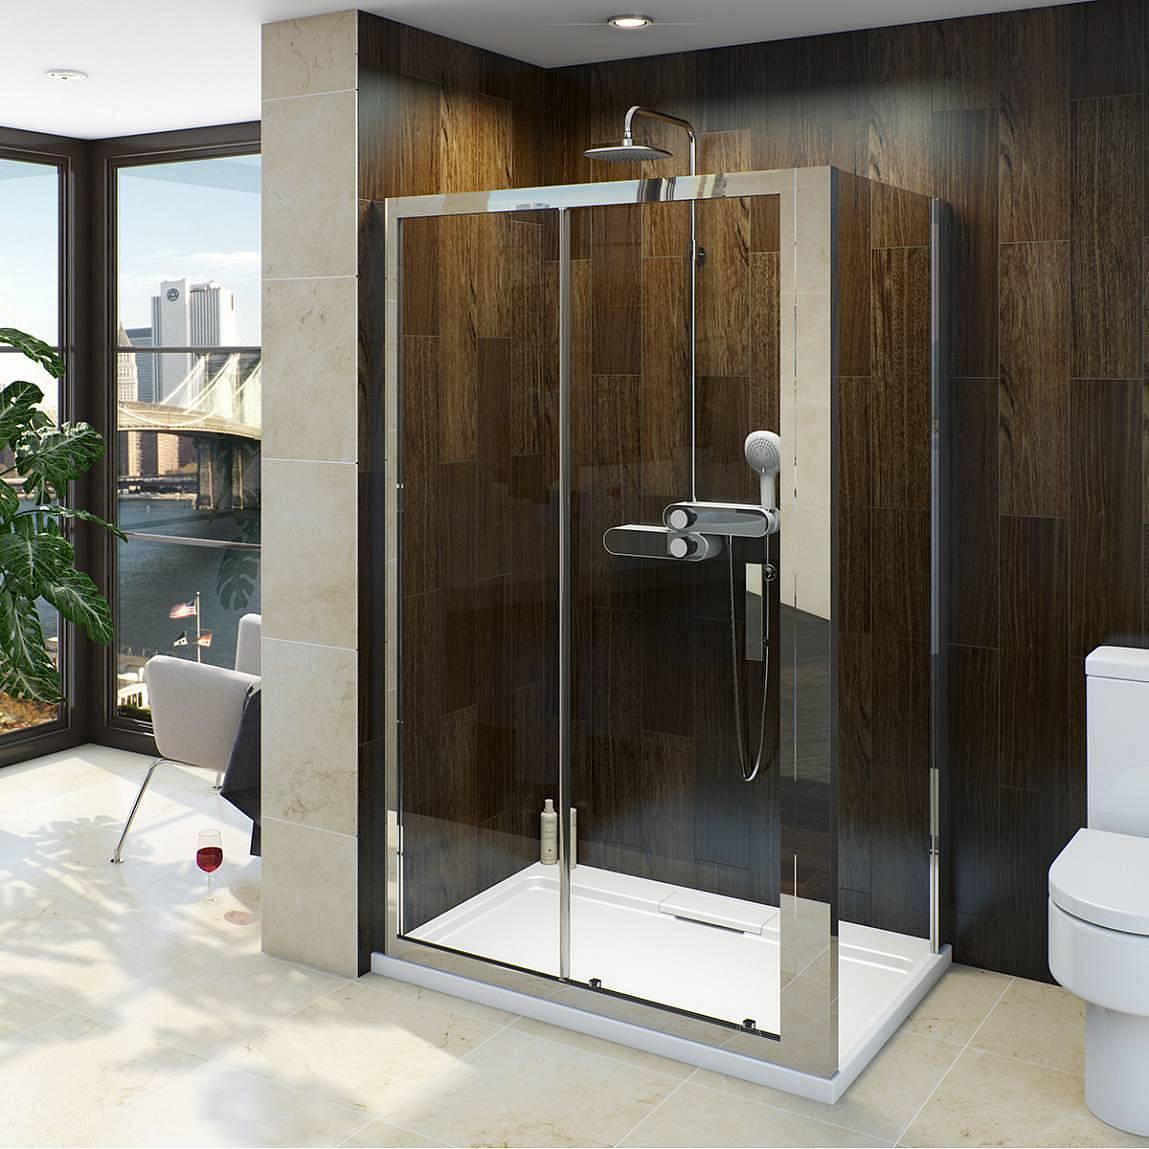 Image of V8 8mm Framed Sliding Shower Enclosure 1000 x 700